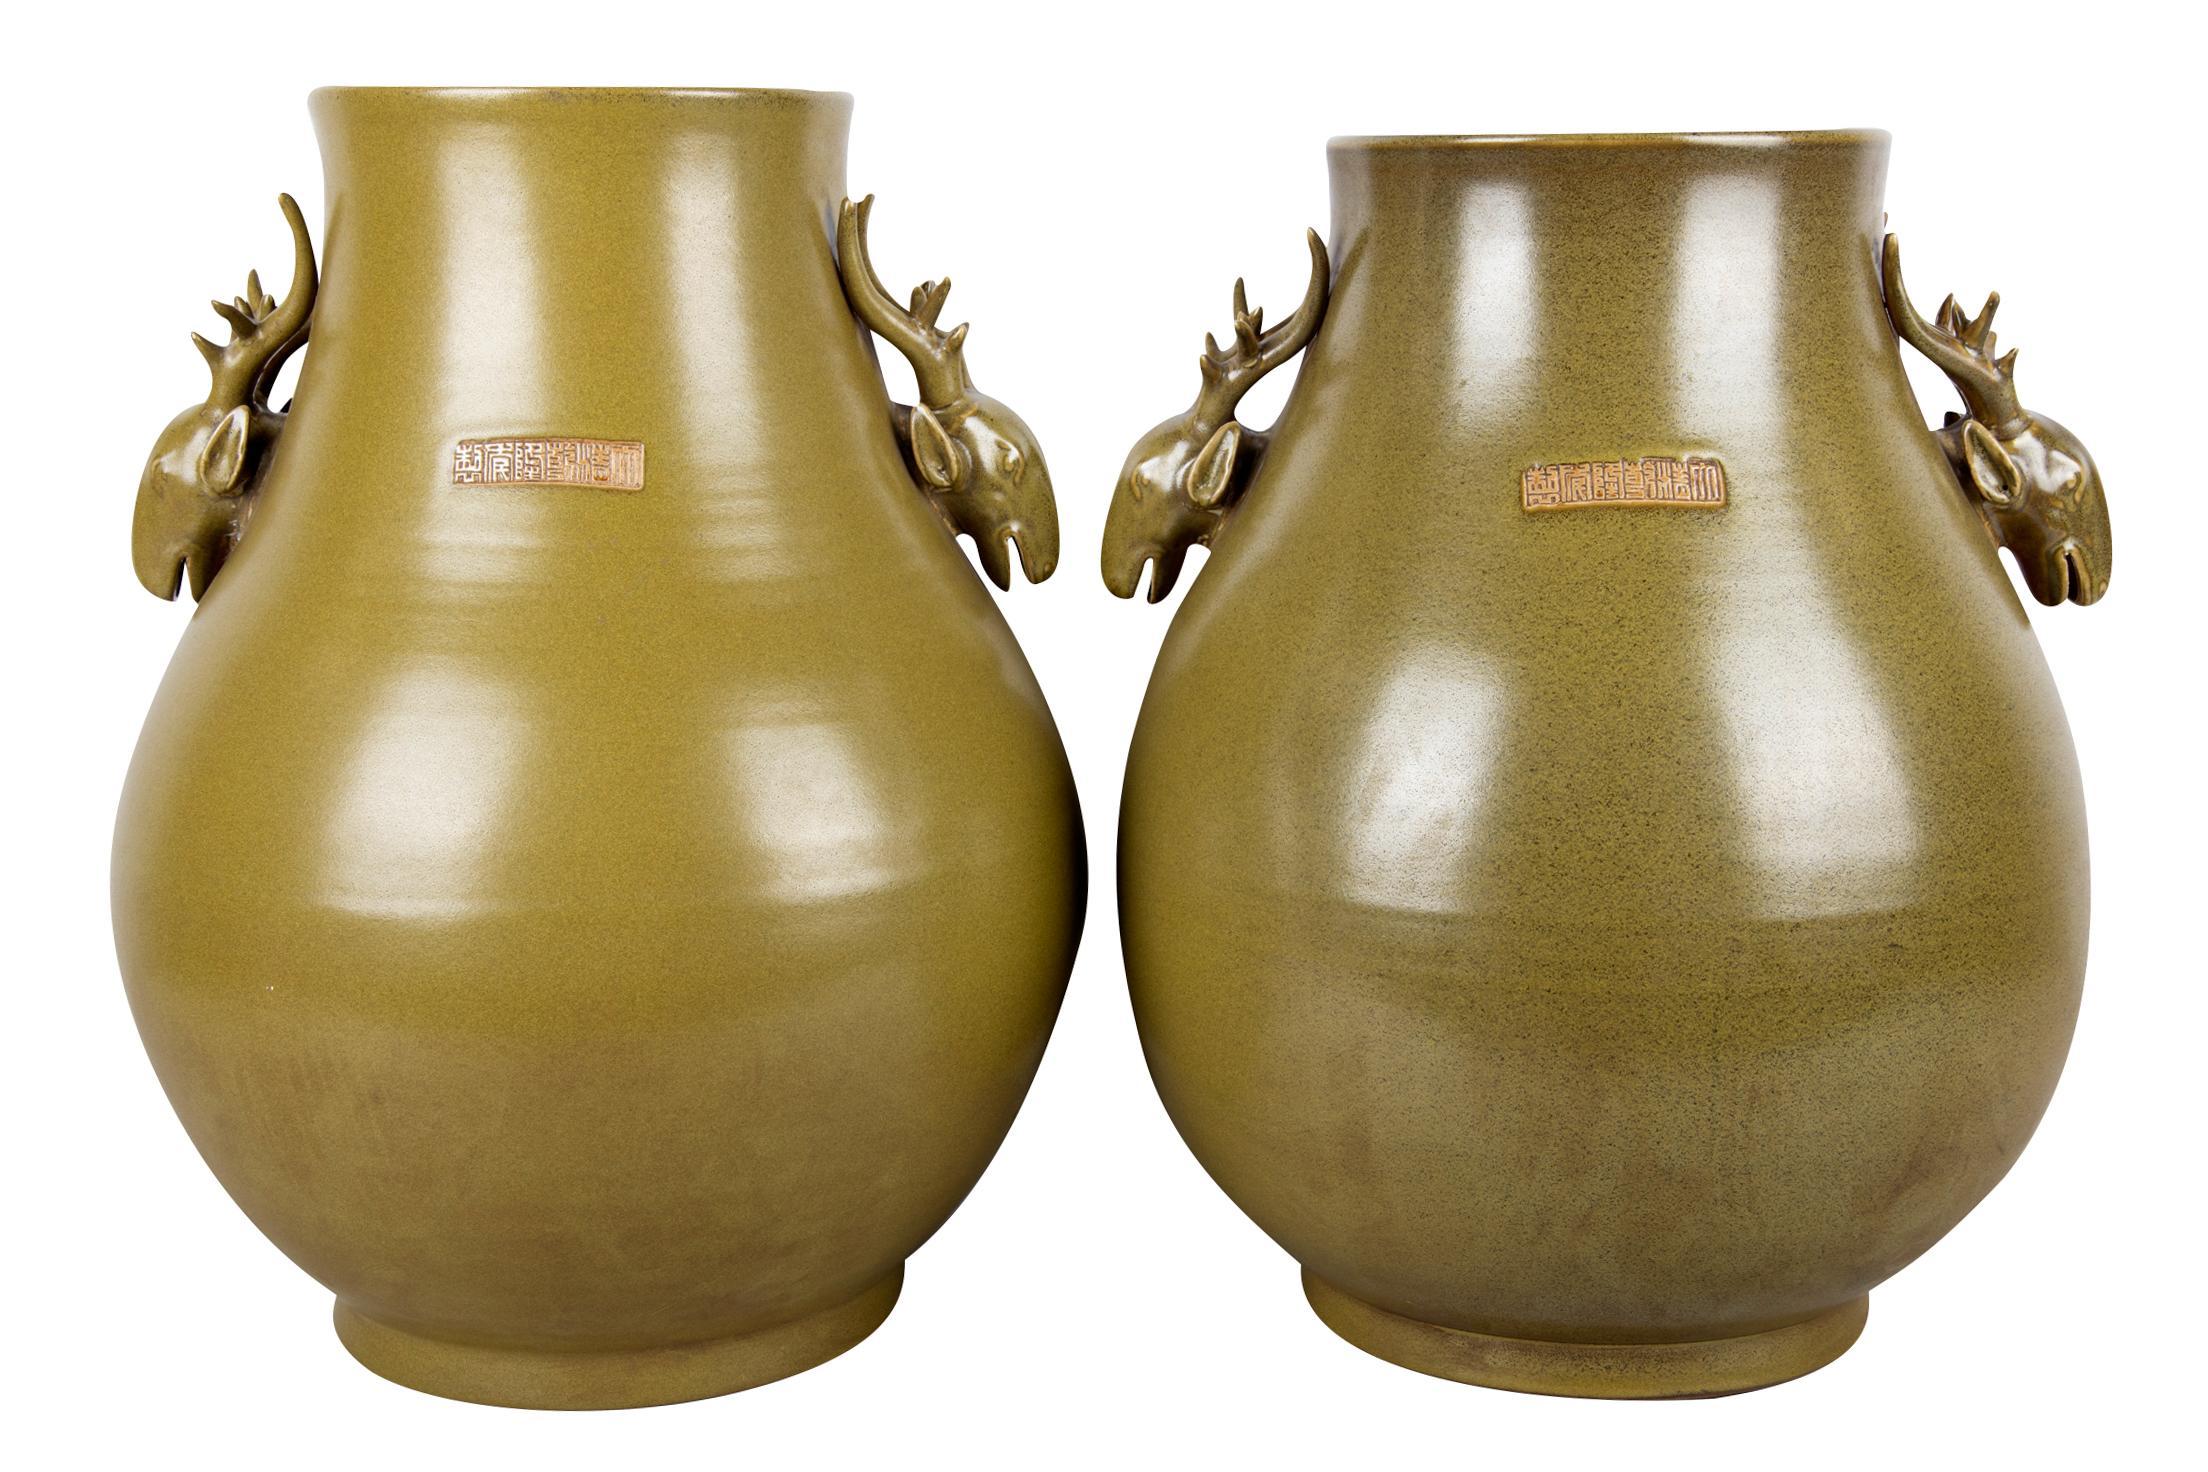 PAIR OF CHINESE CELADON JARS